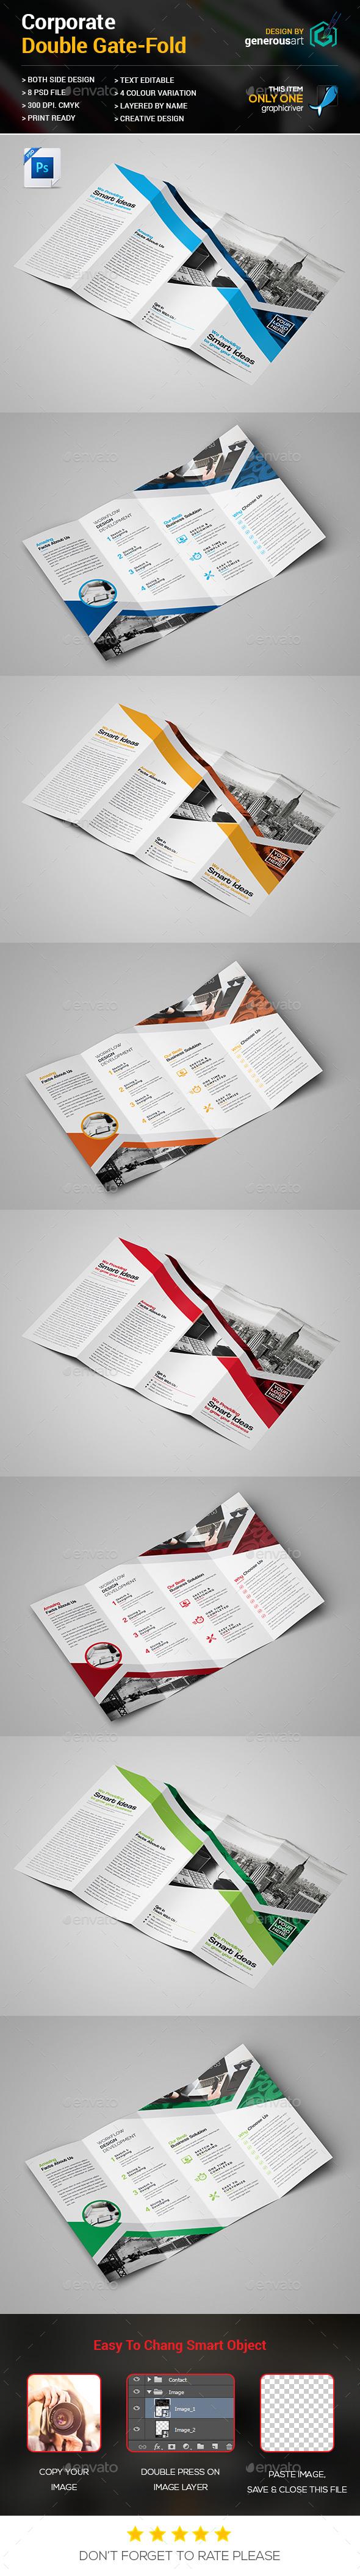 Double Gate-fold Design - Corporate Brochures